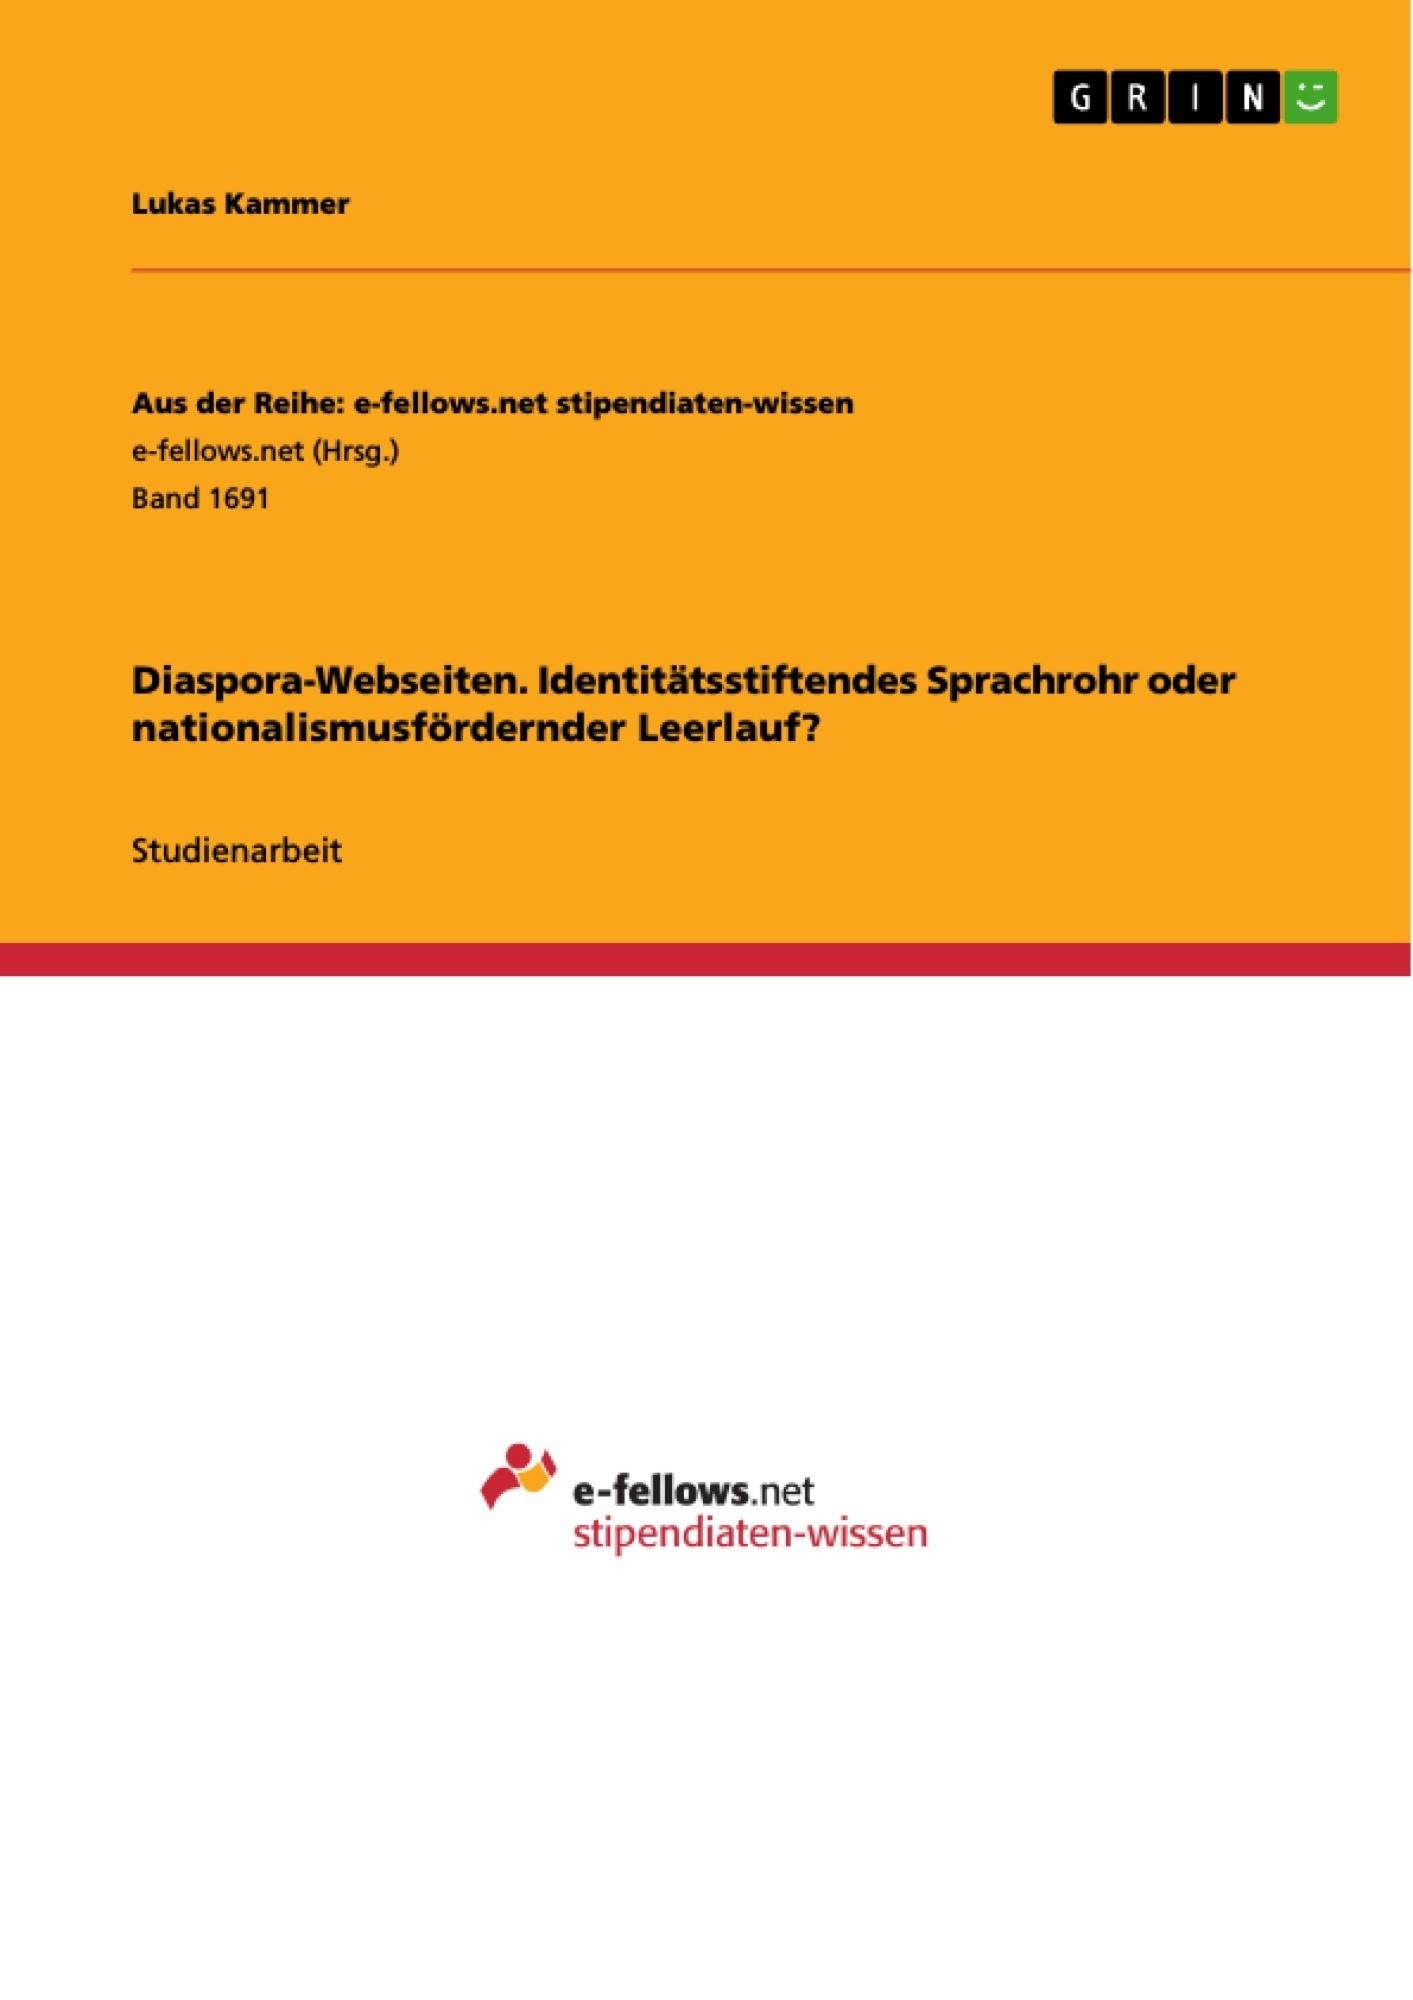 Titel: Diaspora-Webseiten. Identitätsstiftendes Sprachrohr oder nationalismusfördernder Leerlauf?